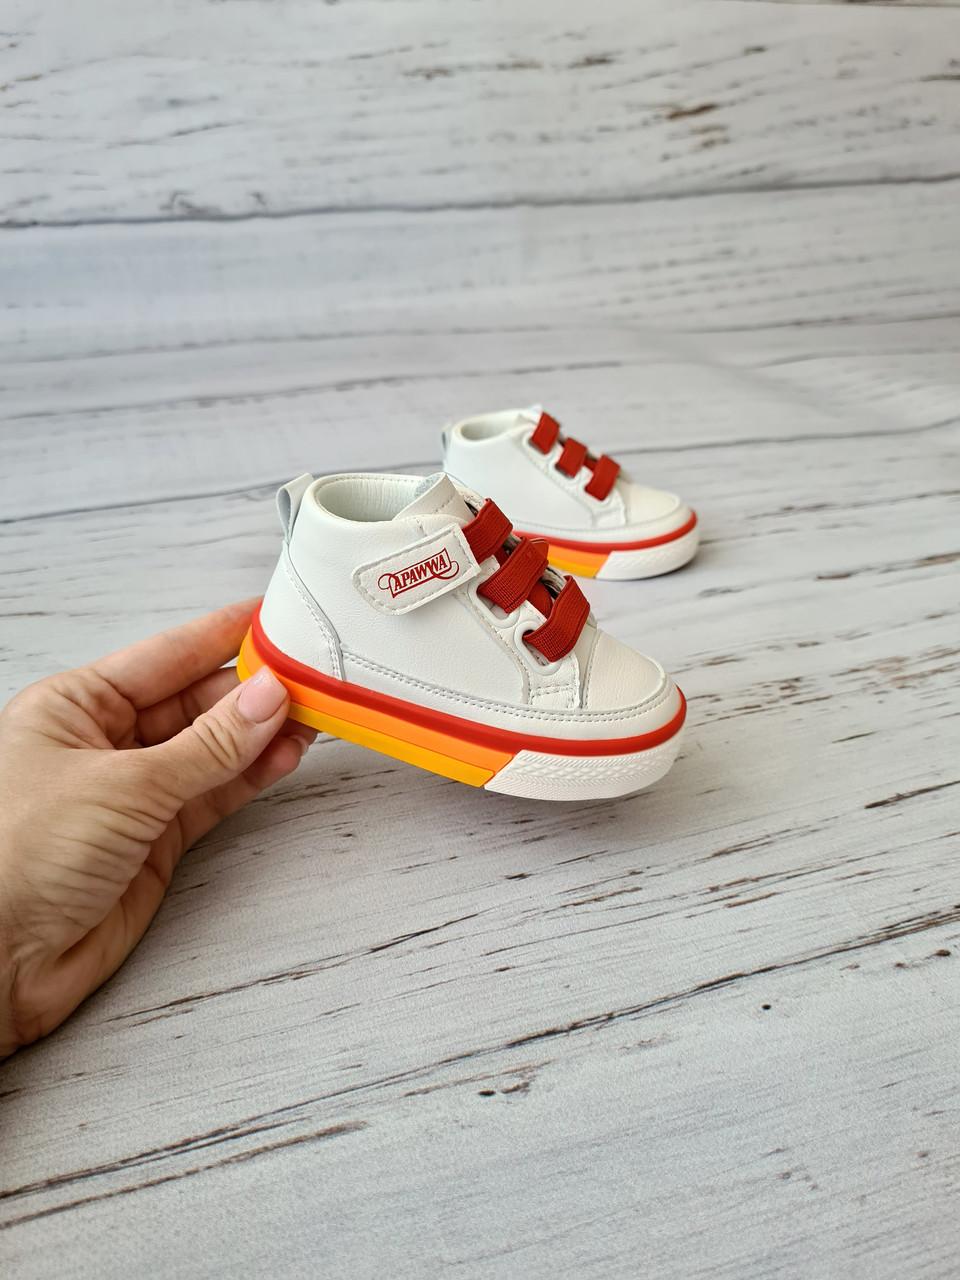 Кросівки/хайтопы для дівчаток Apawwa 20 р), 13см